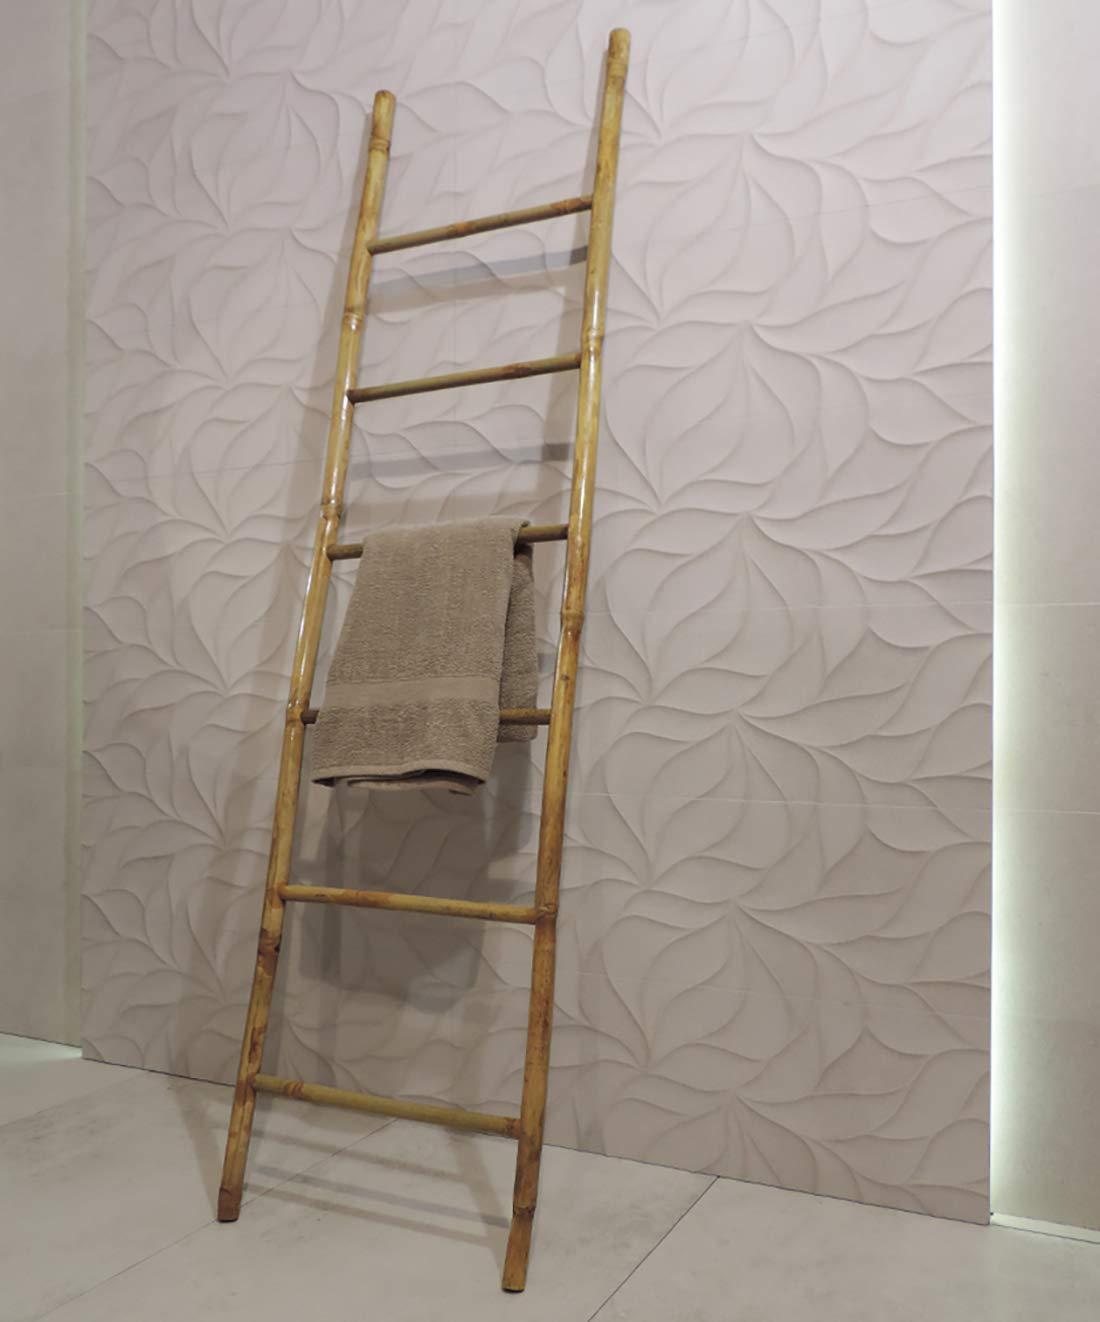 chambre /Échelle Porte-serviette en bois en bambou pour salle de bain